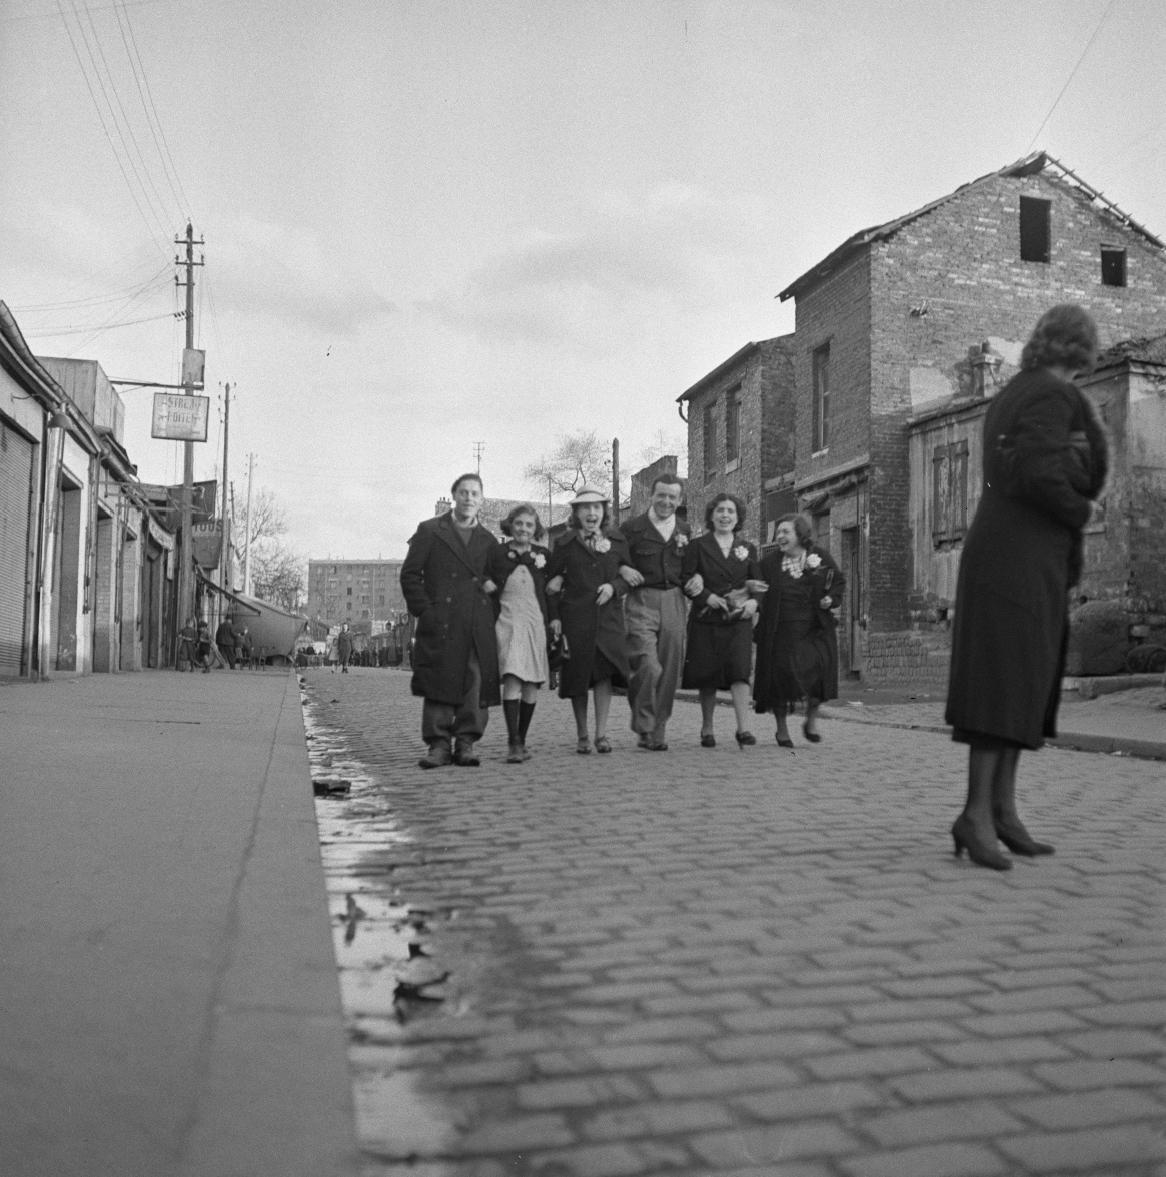 51. Группа людей на улице